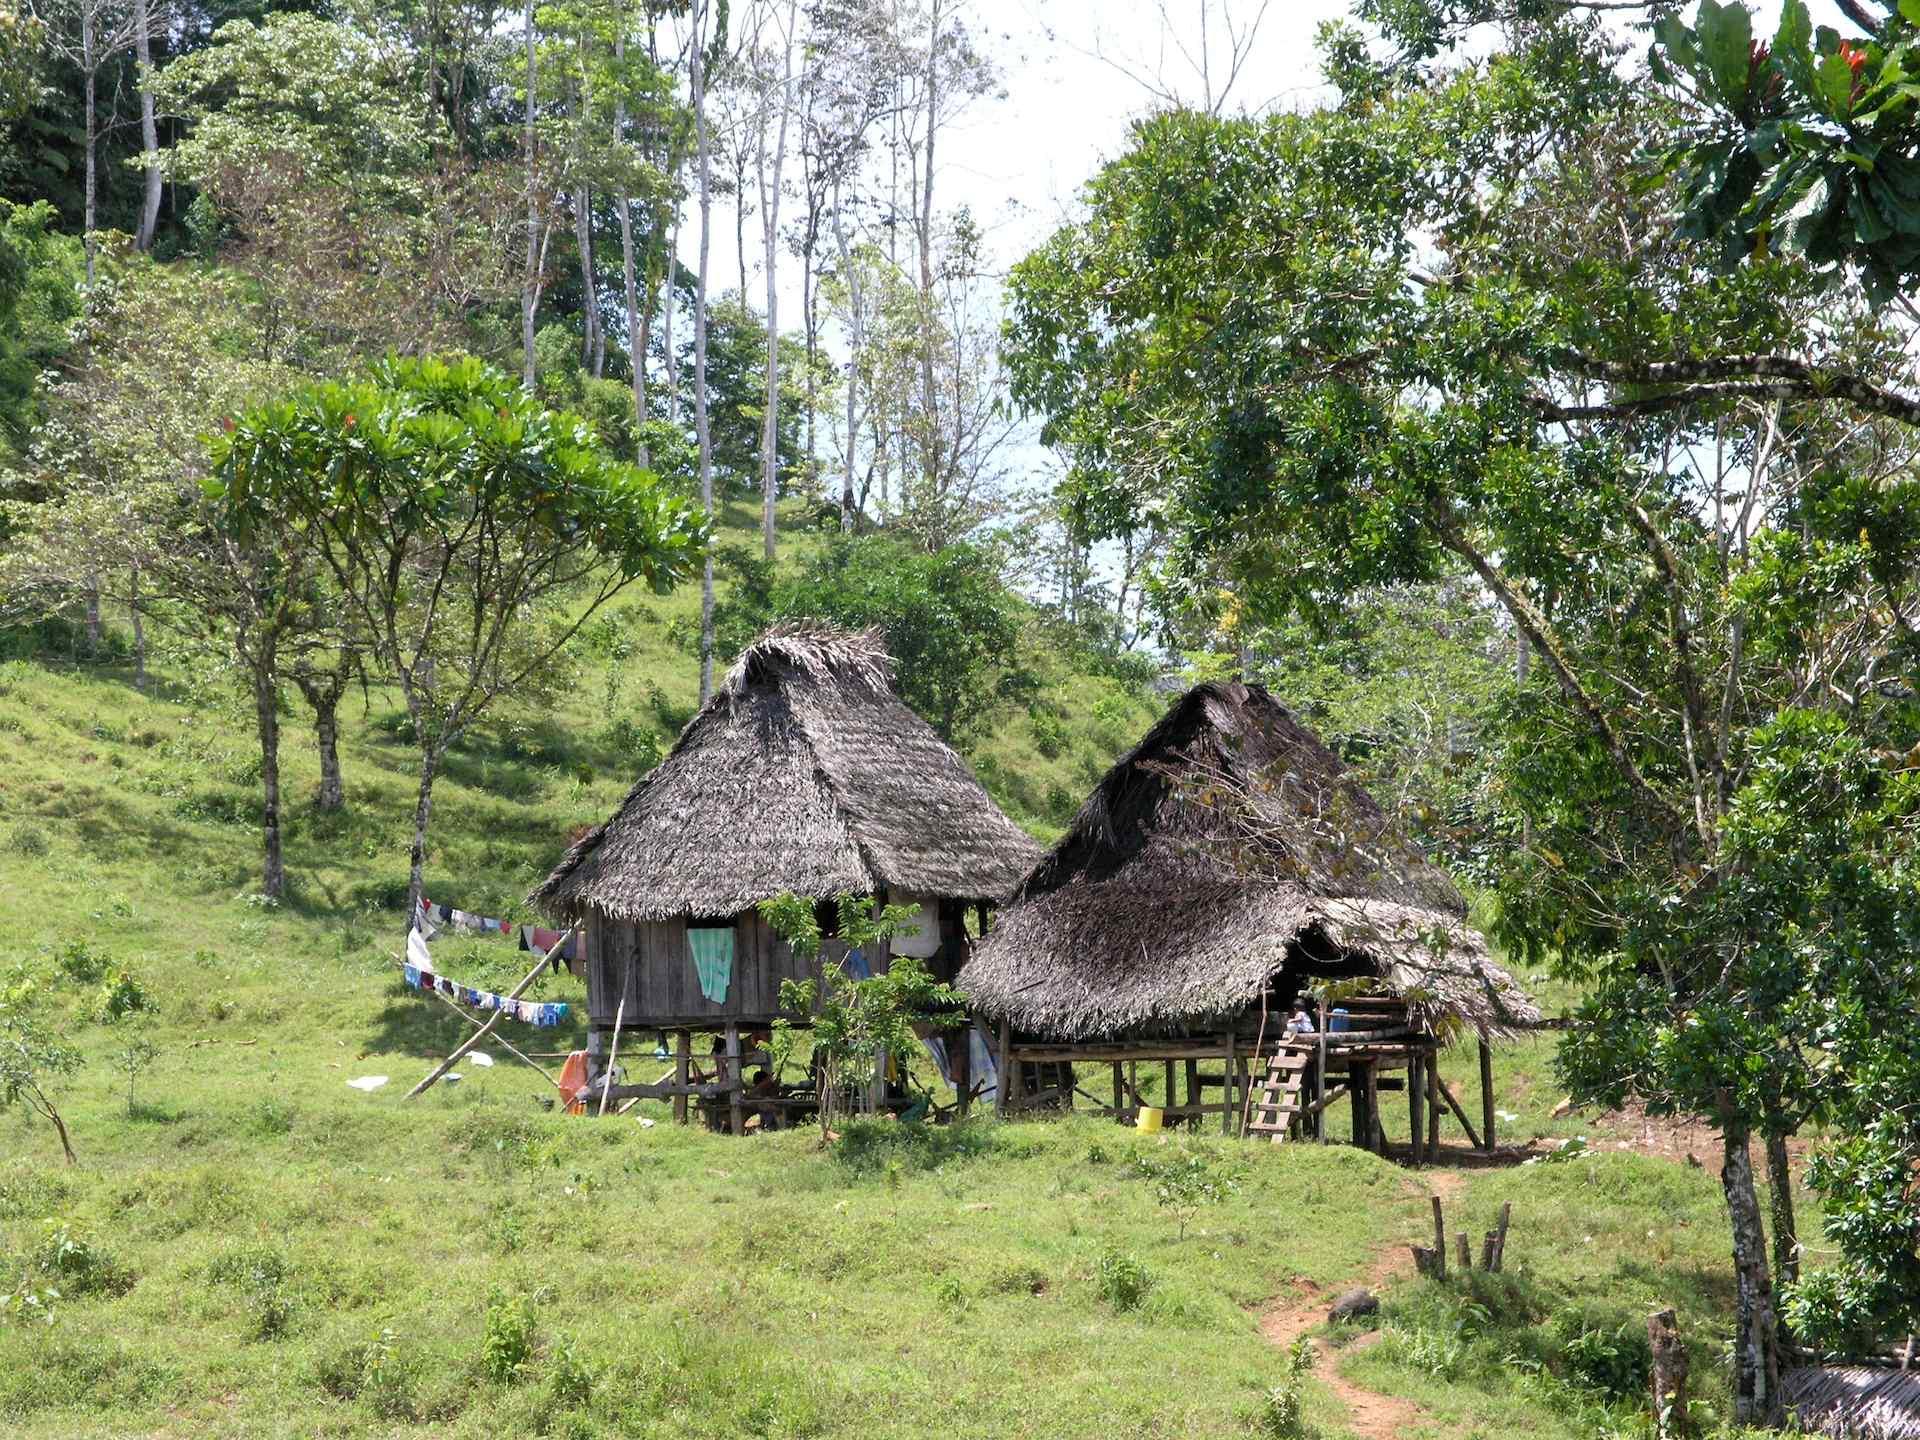 Planificación de un viaje de 2 semanas a Panamá